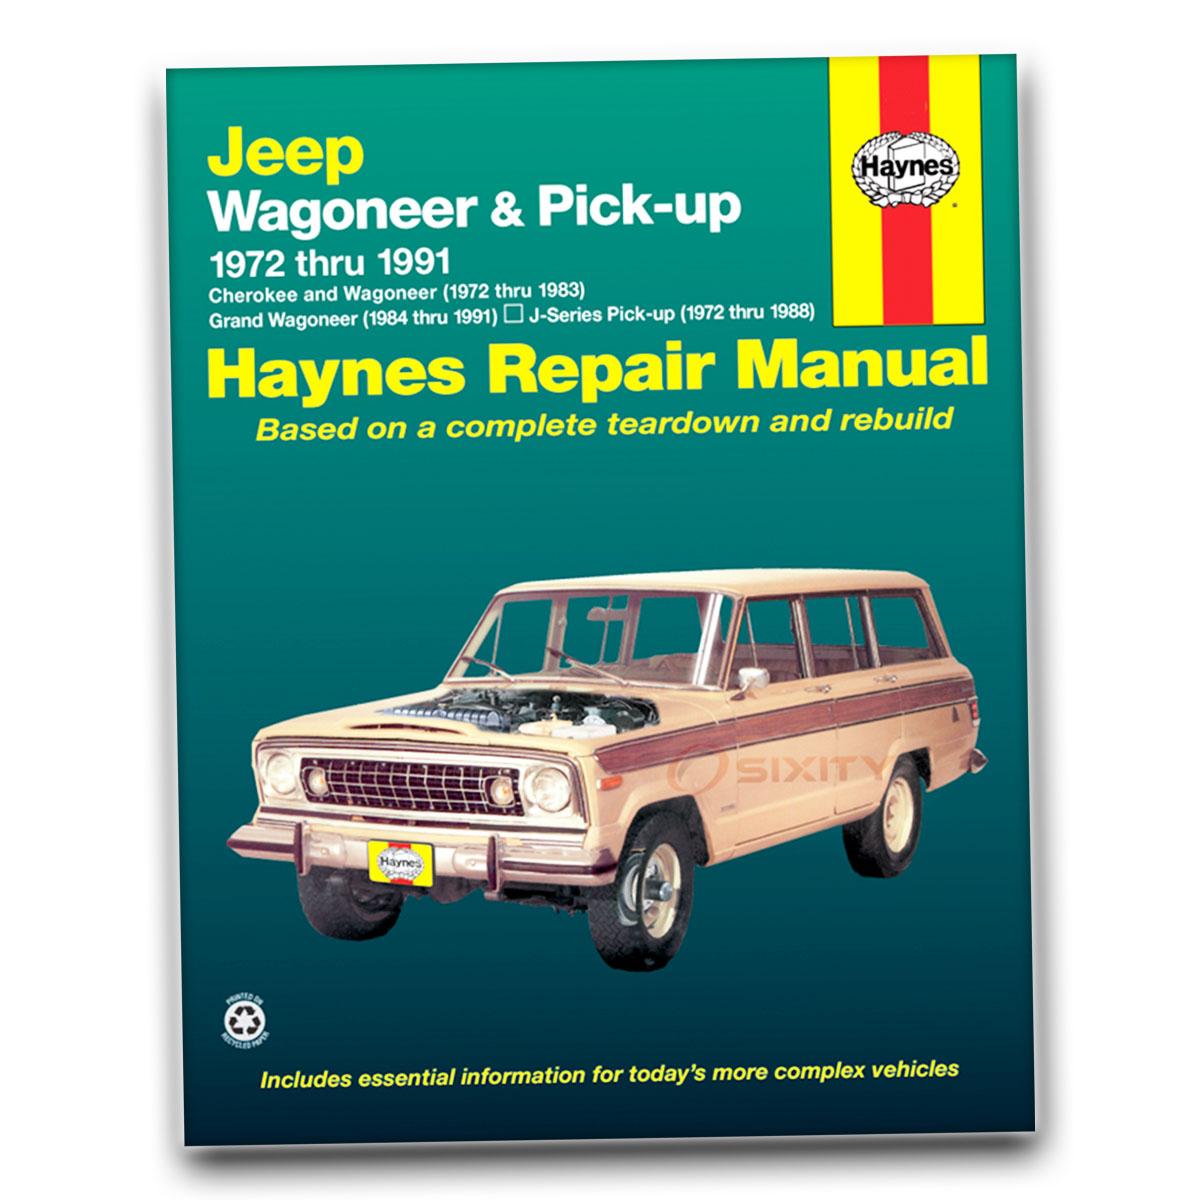 Haynes Repair Manual For 1974-1988 Jeep J10